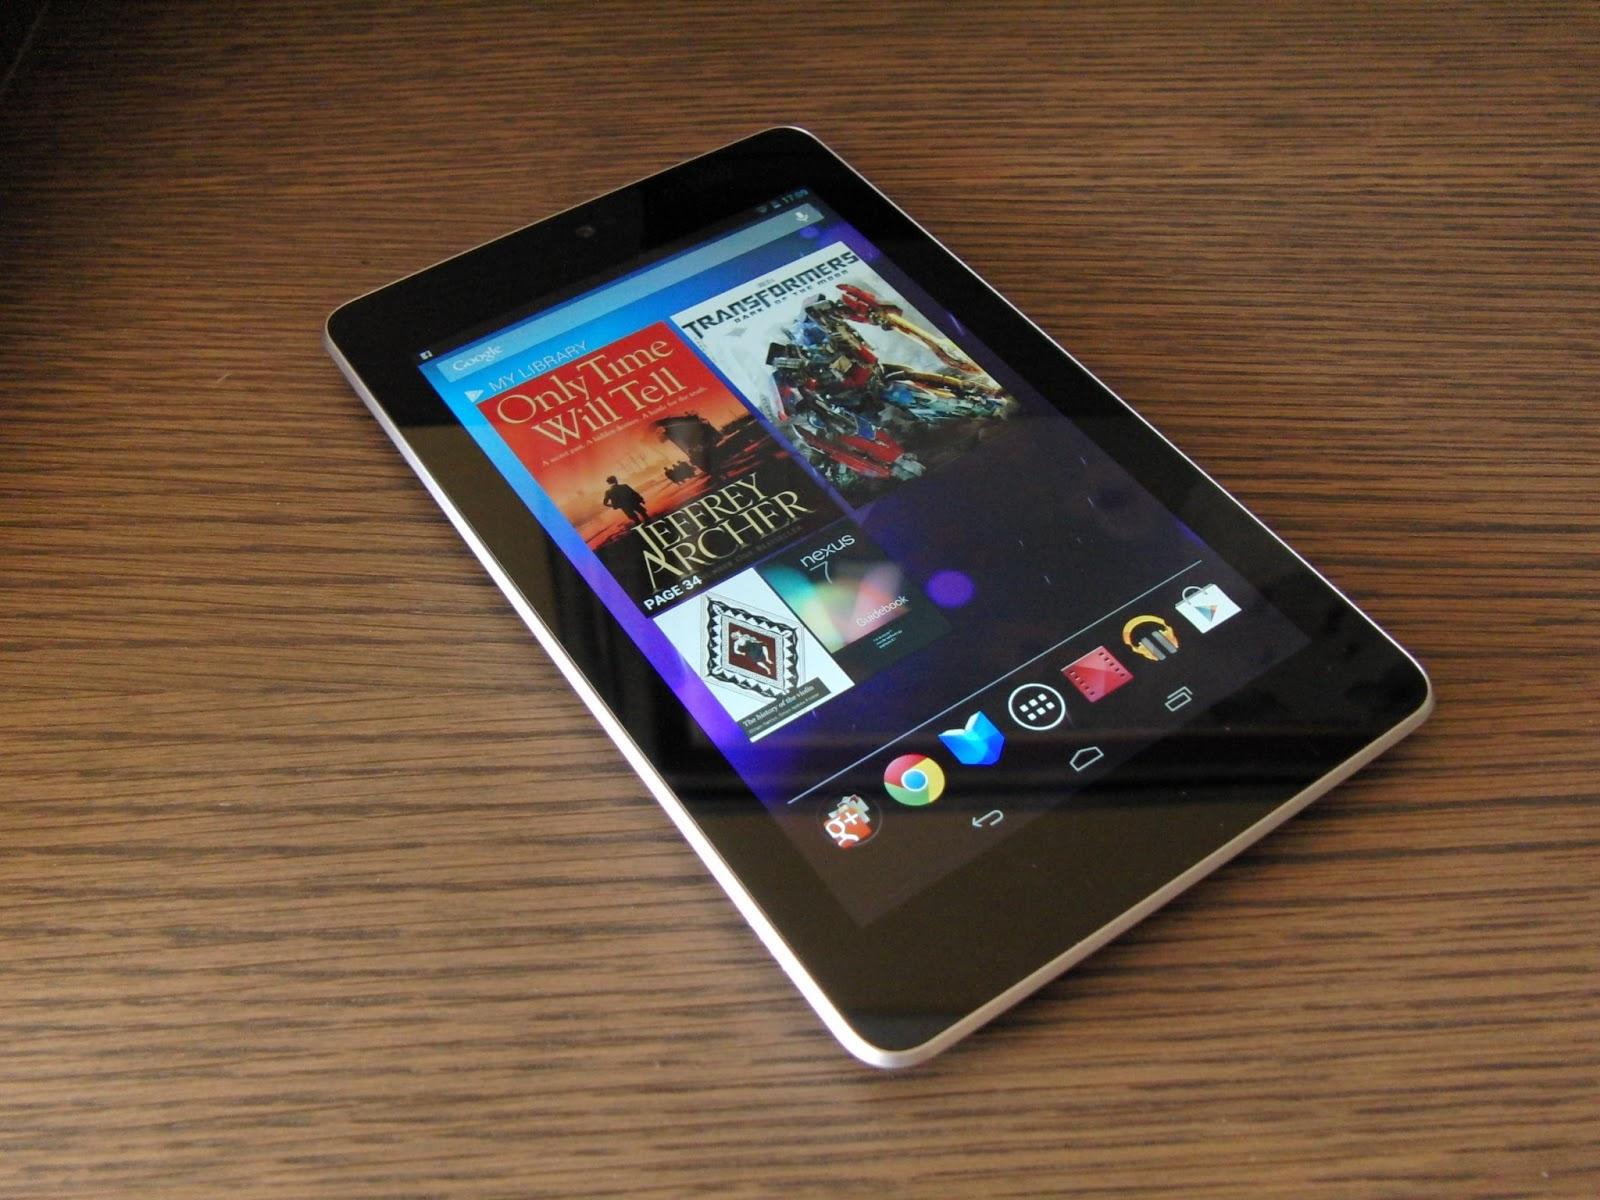 Nexus 7 | Google Nexus 7 Özellikleri & Nexus 7 Fiyat